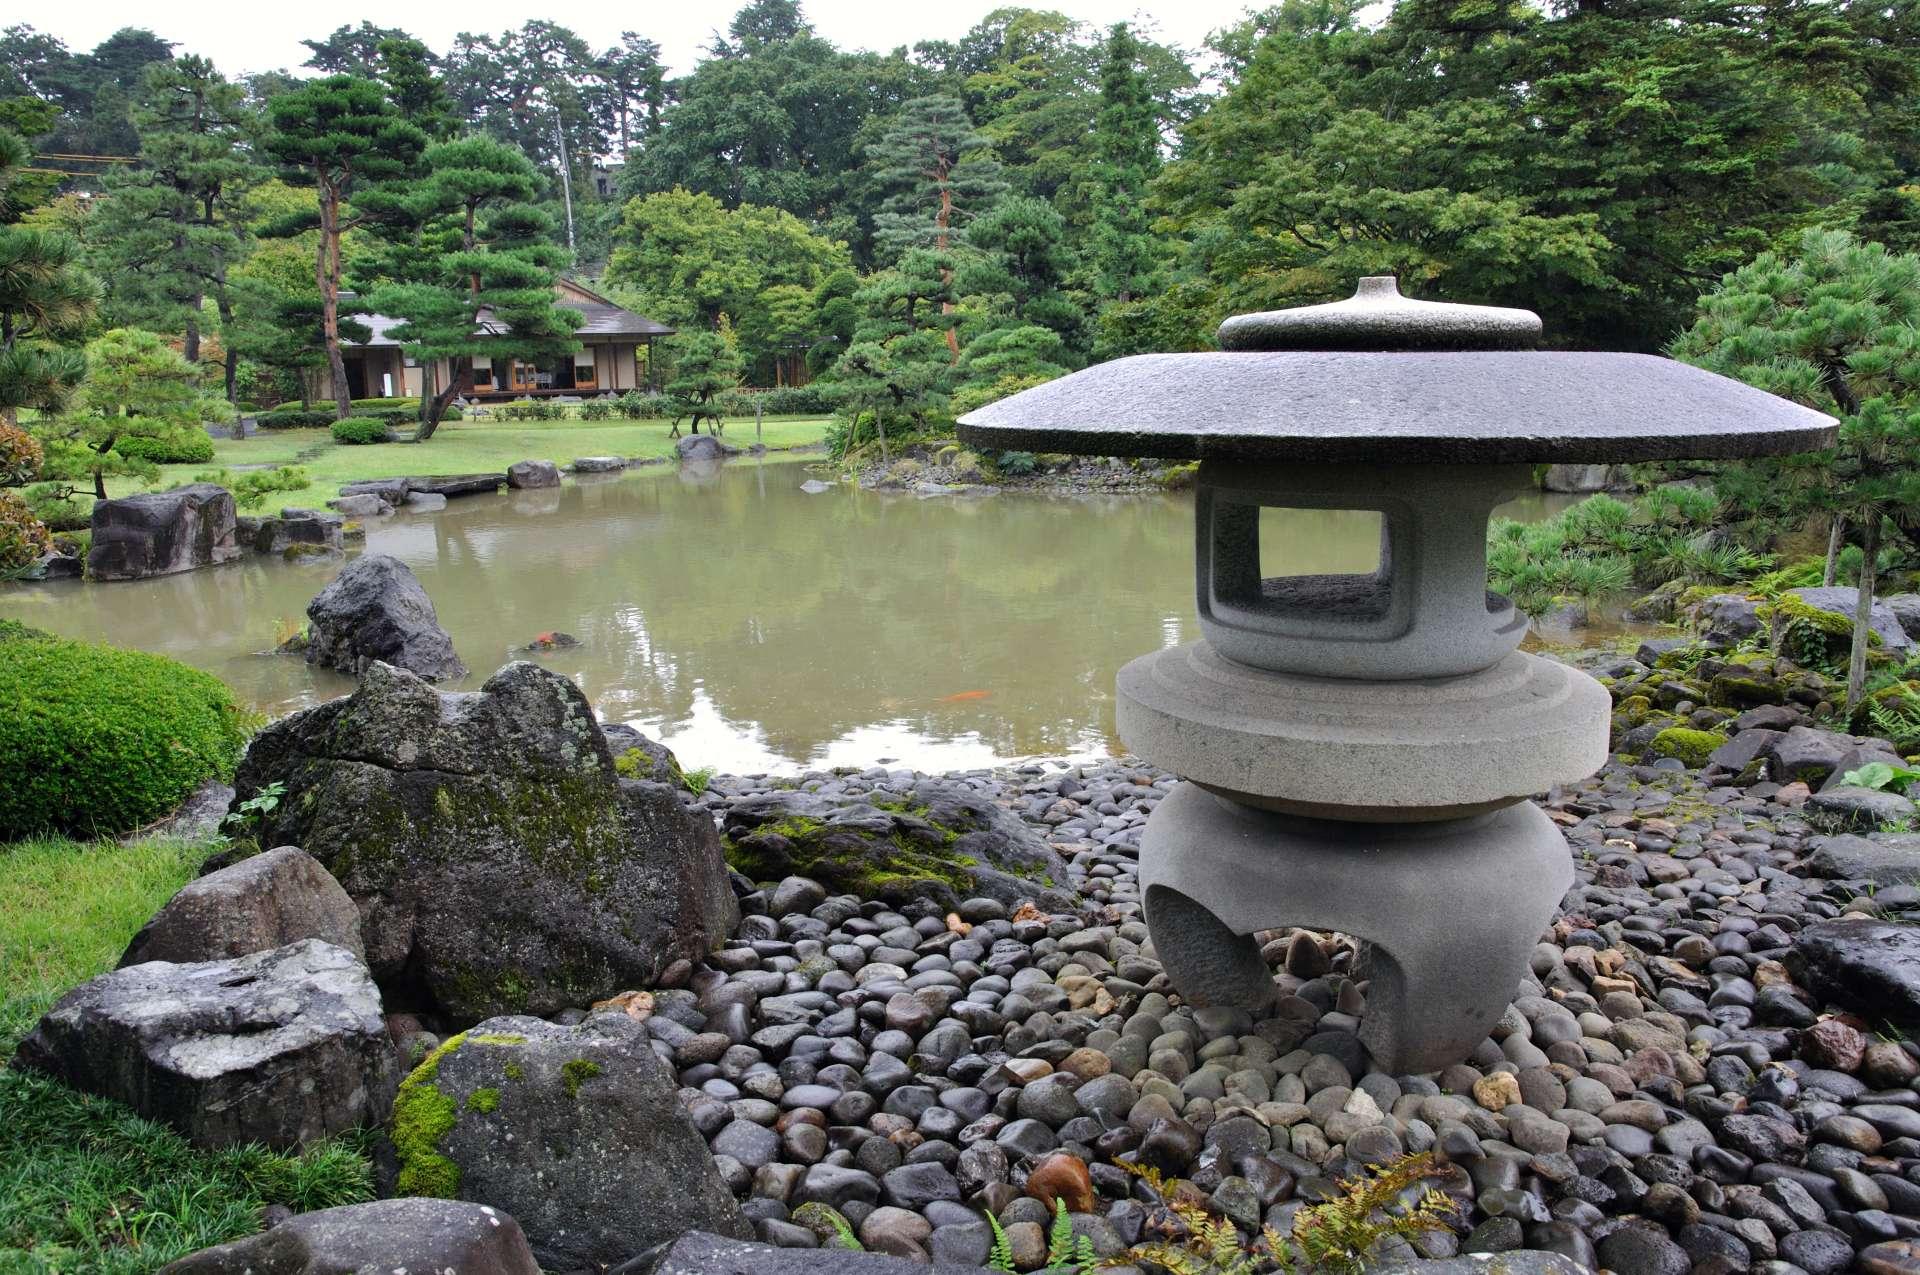 能邊散步邊享受有著日本風情的景觀